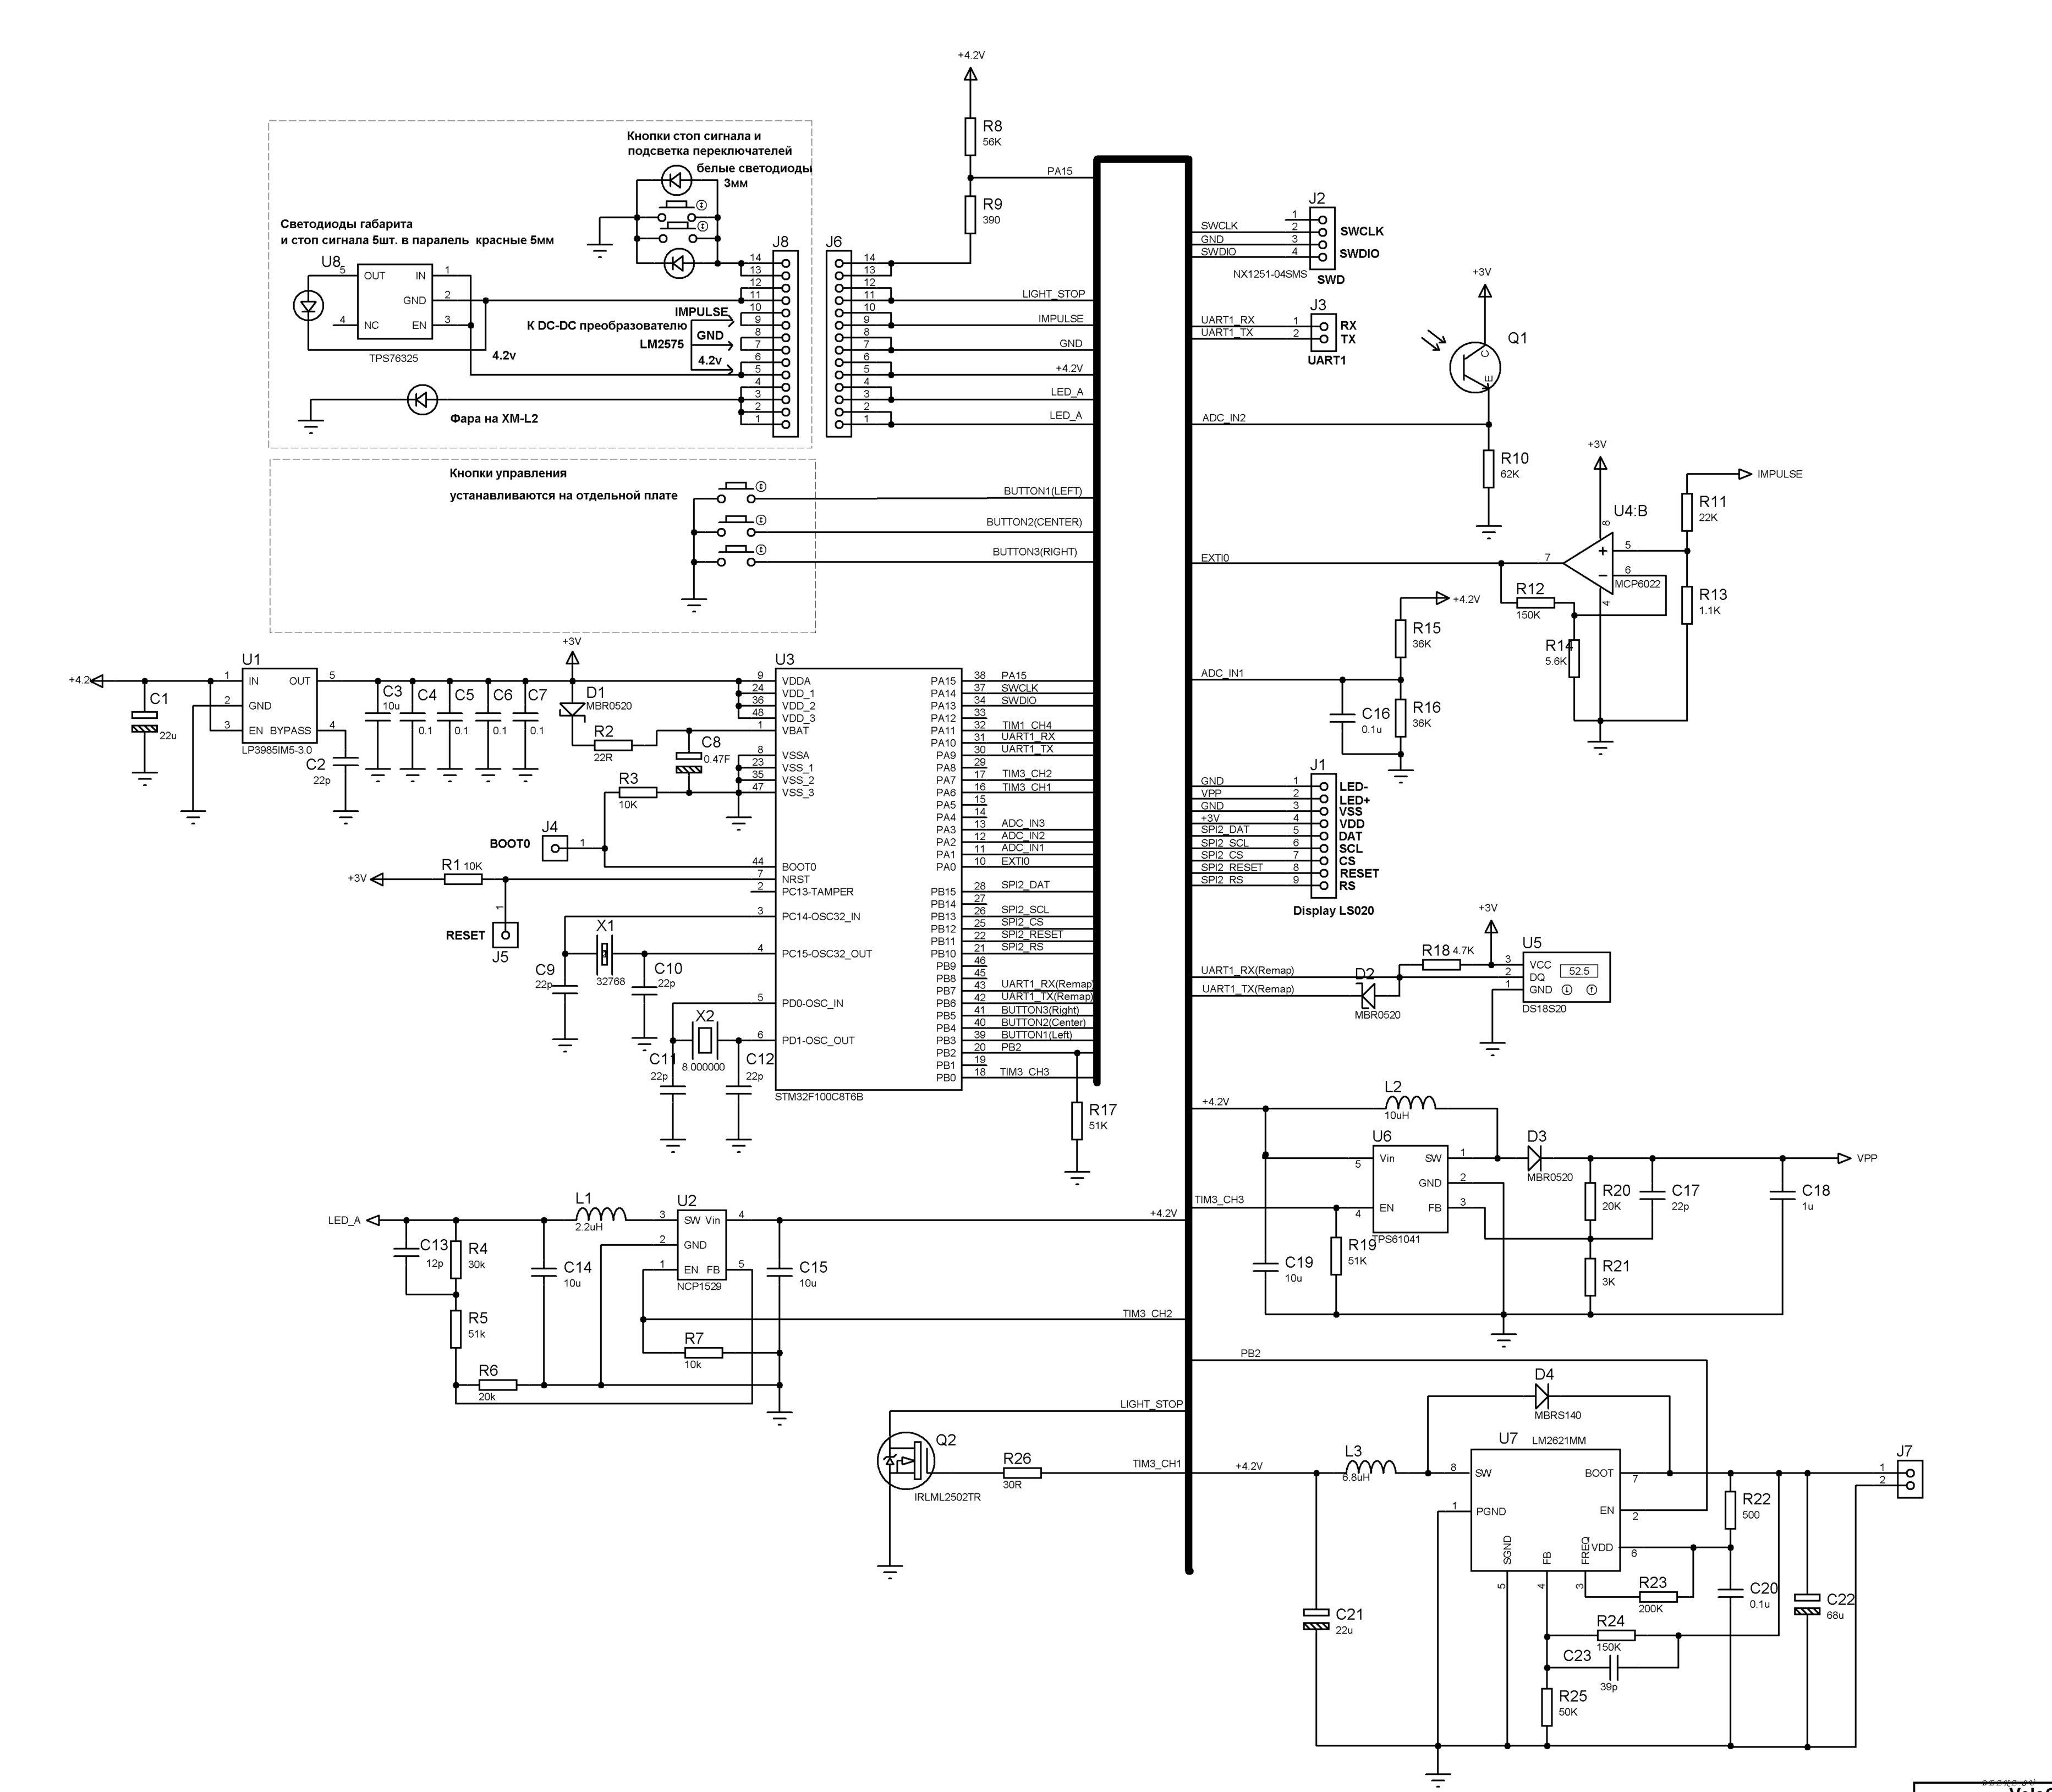 12f629 принцип работы схема